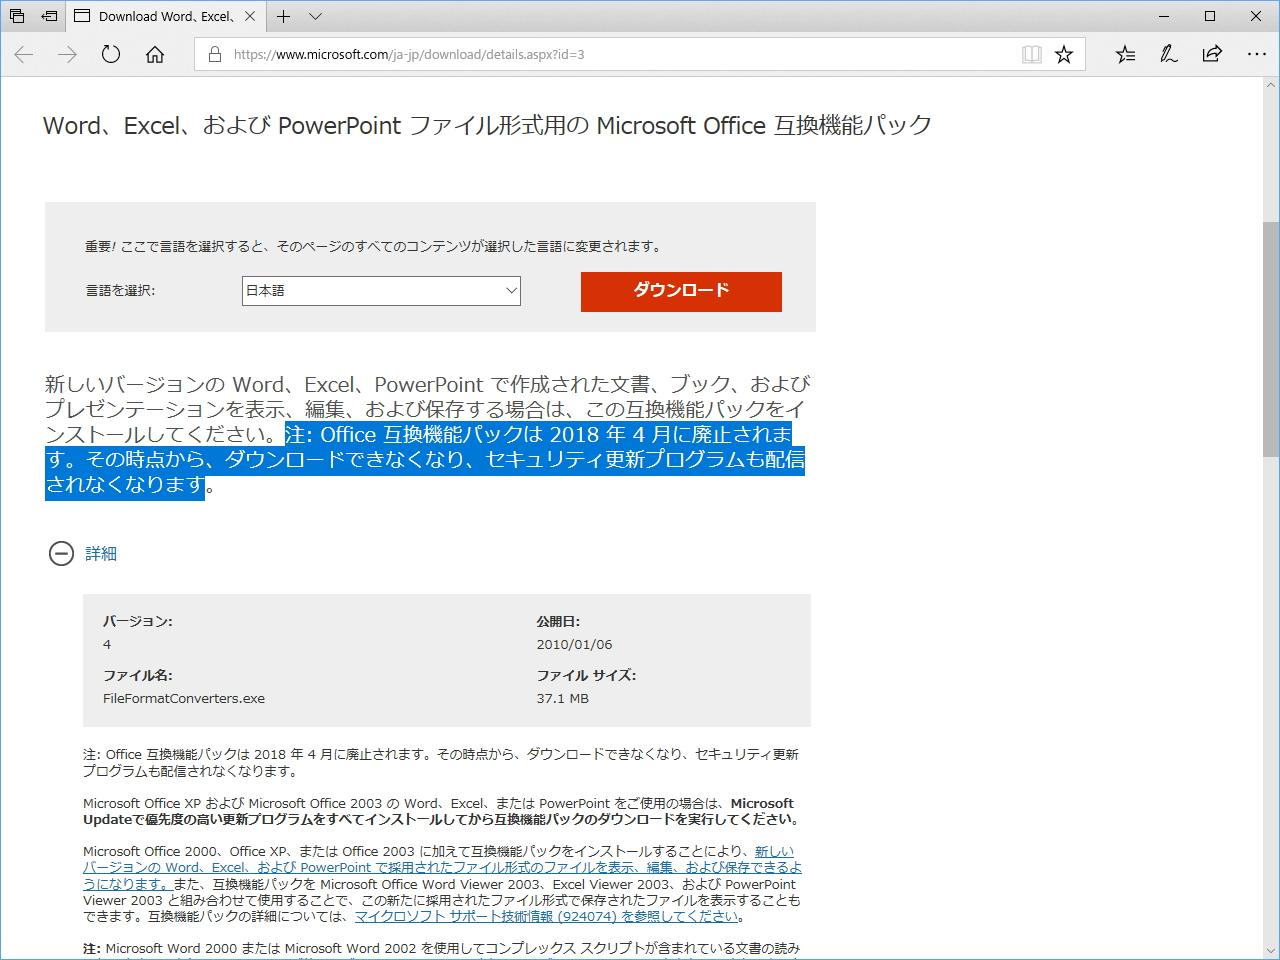 ダウンロードセンターの「Microsoft Office 互換機能パック」公開ページ